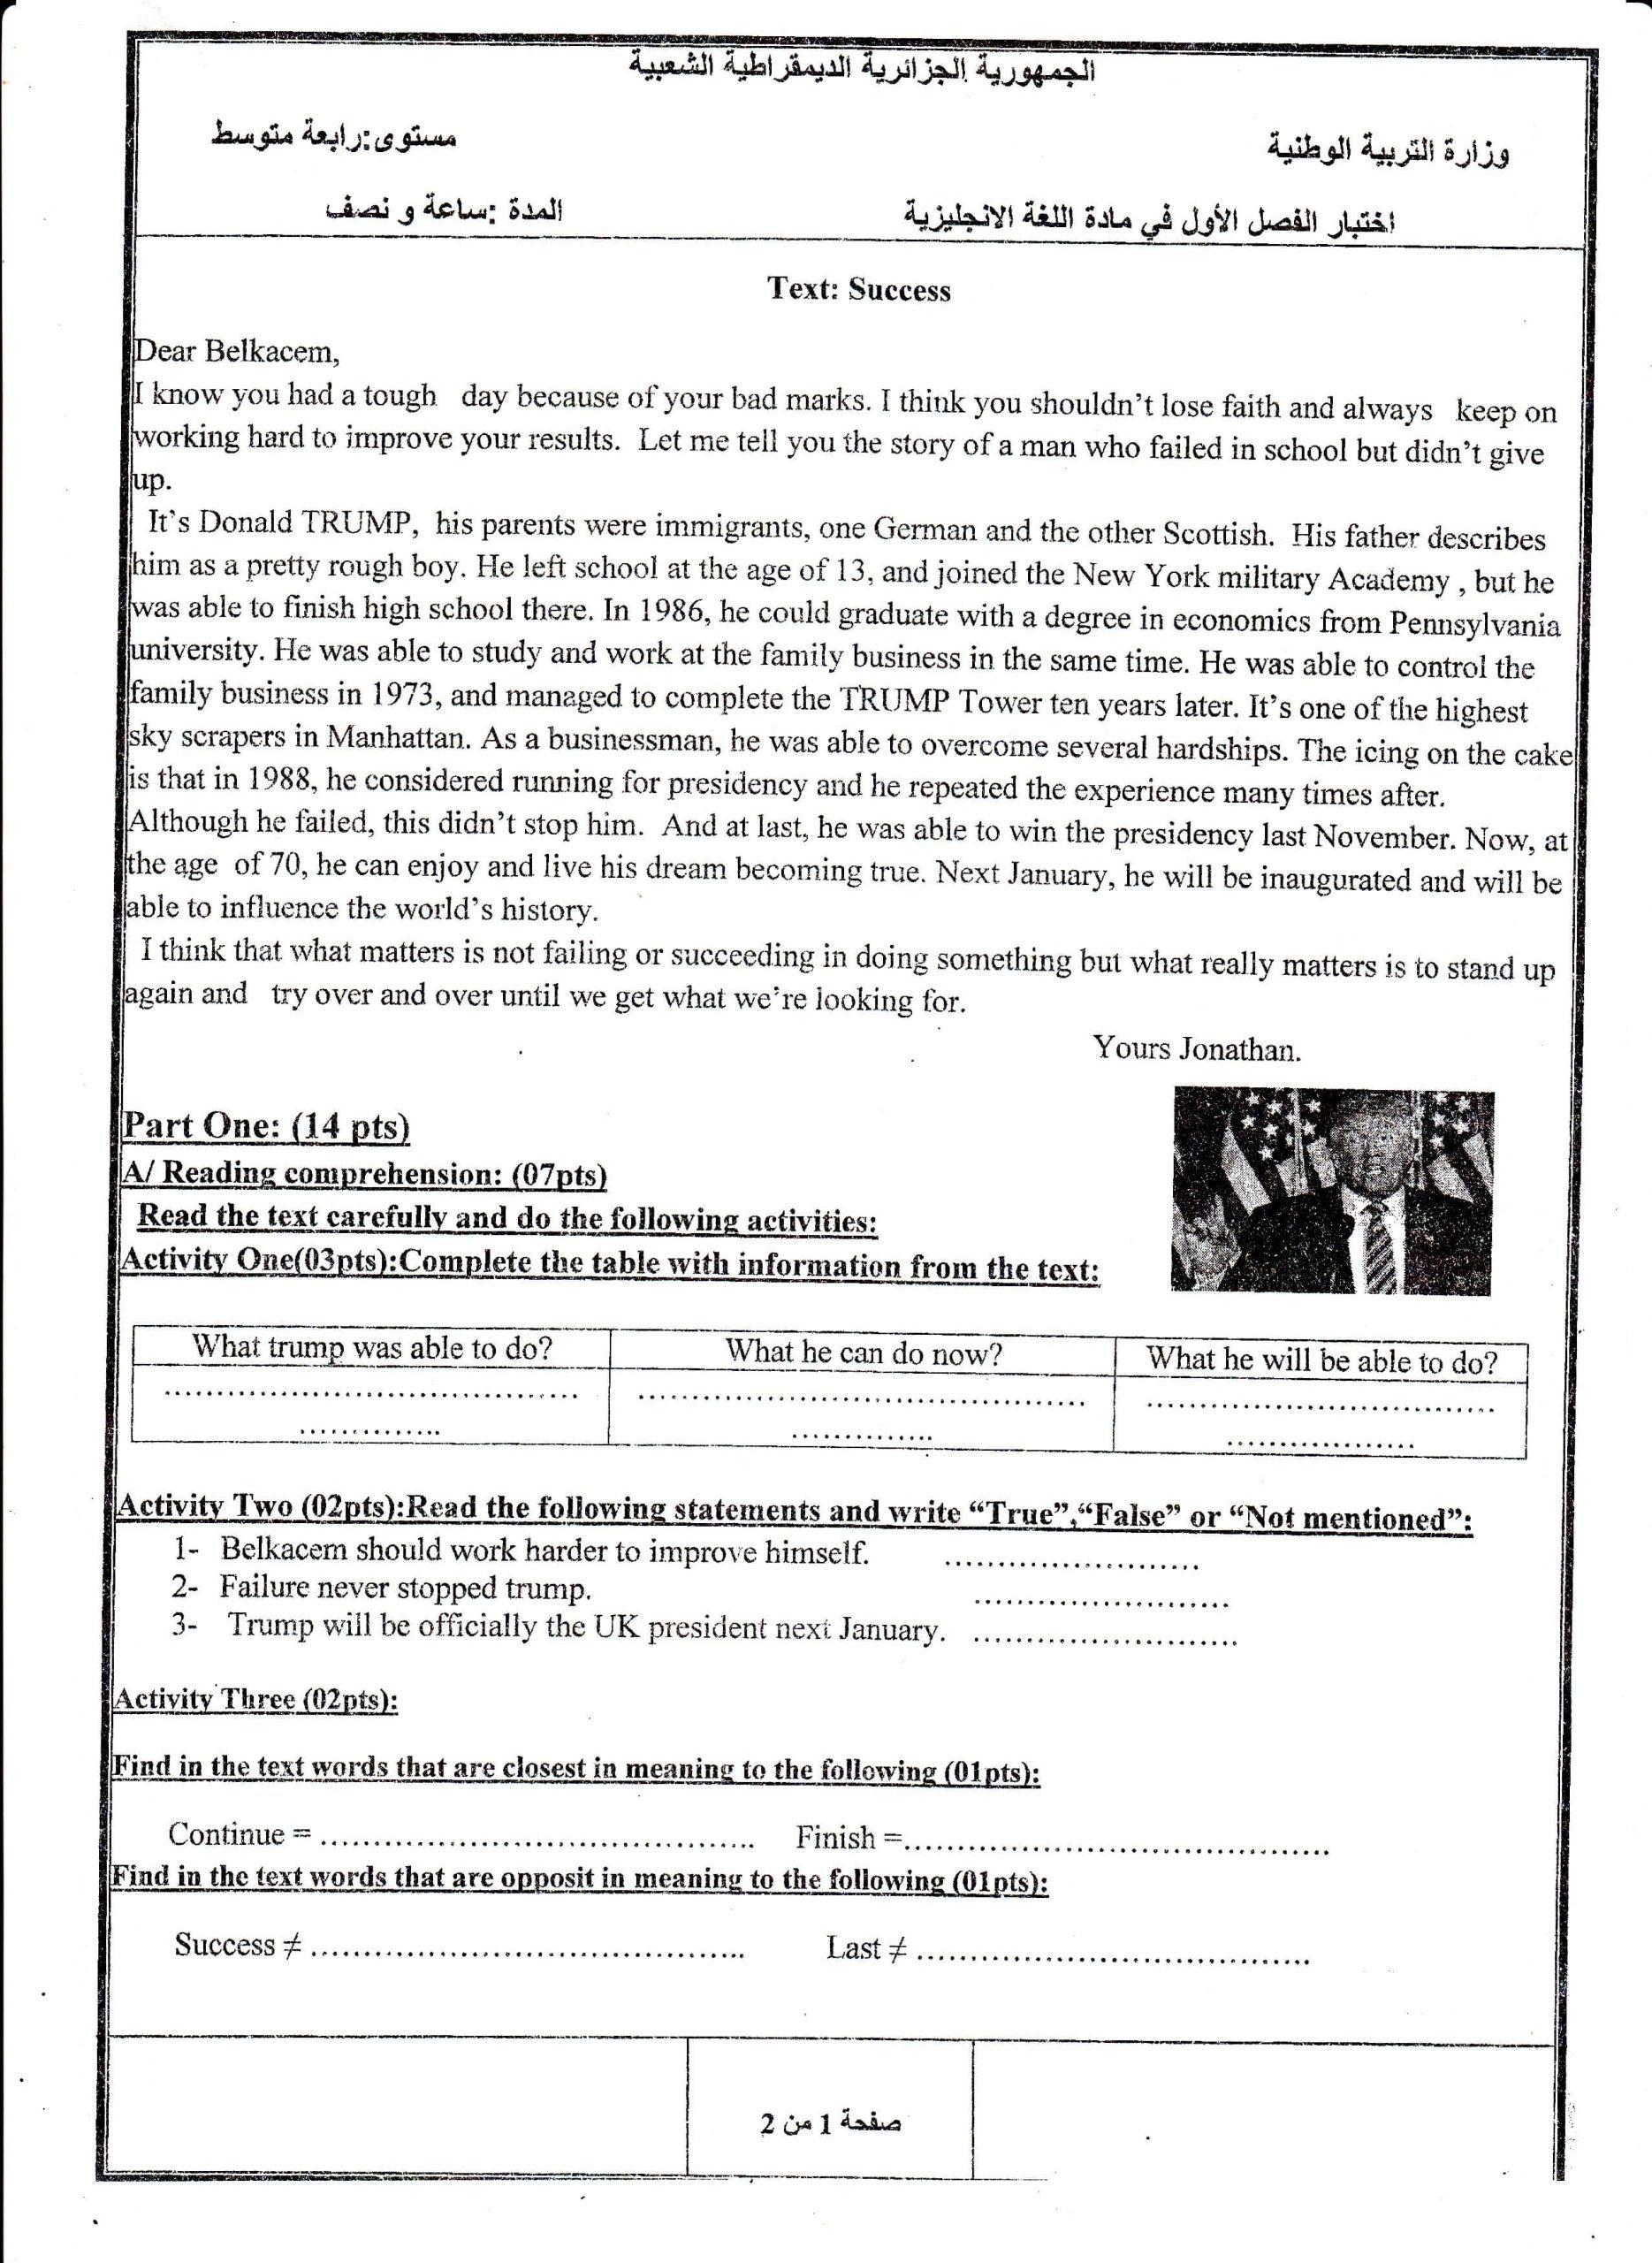 اختبار الفصل الأول في اللغة الانجليزية السنة الرابعة متوسط | الموضوع 03